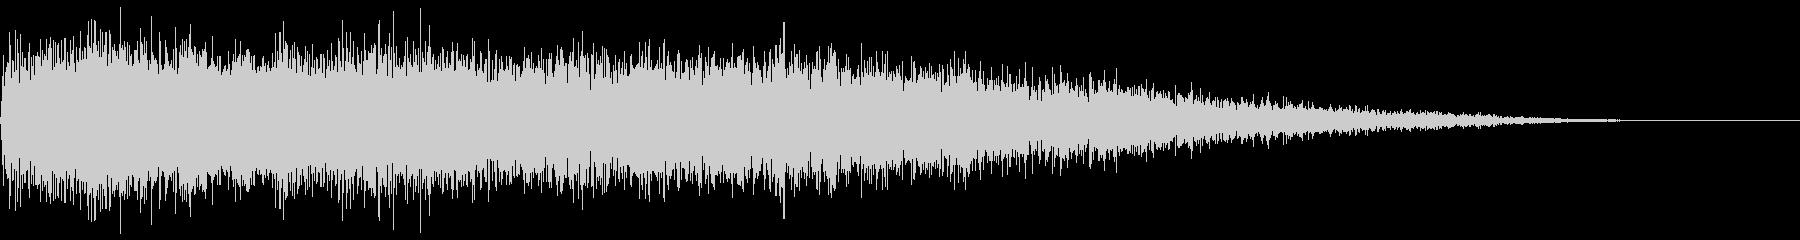 【ビシュイーン】魔法系効果音の未再生の波形